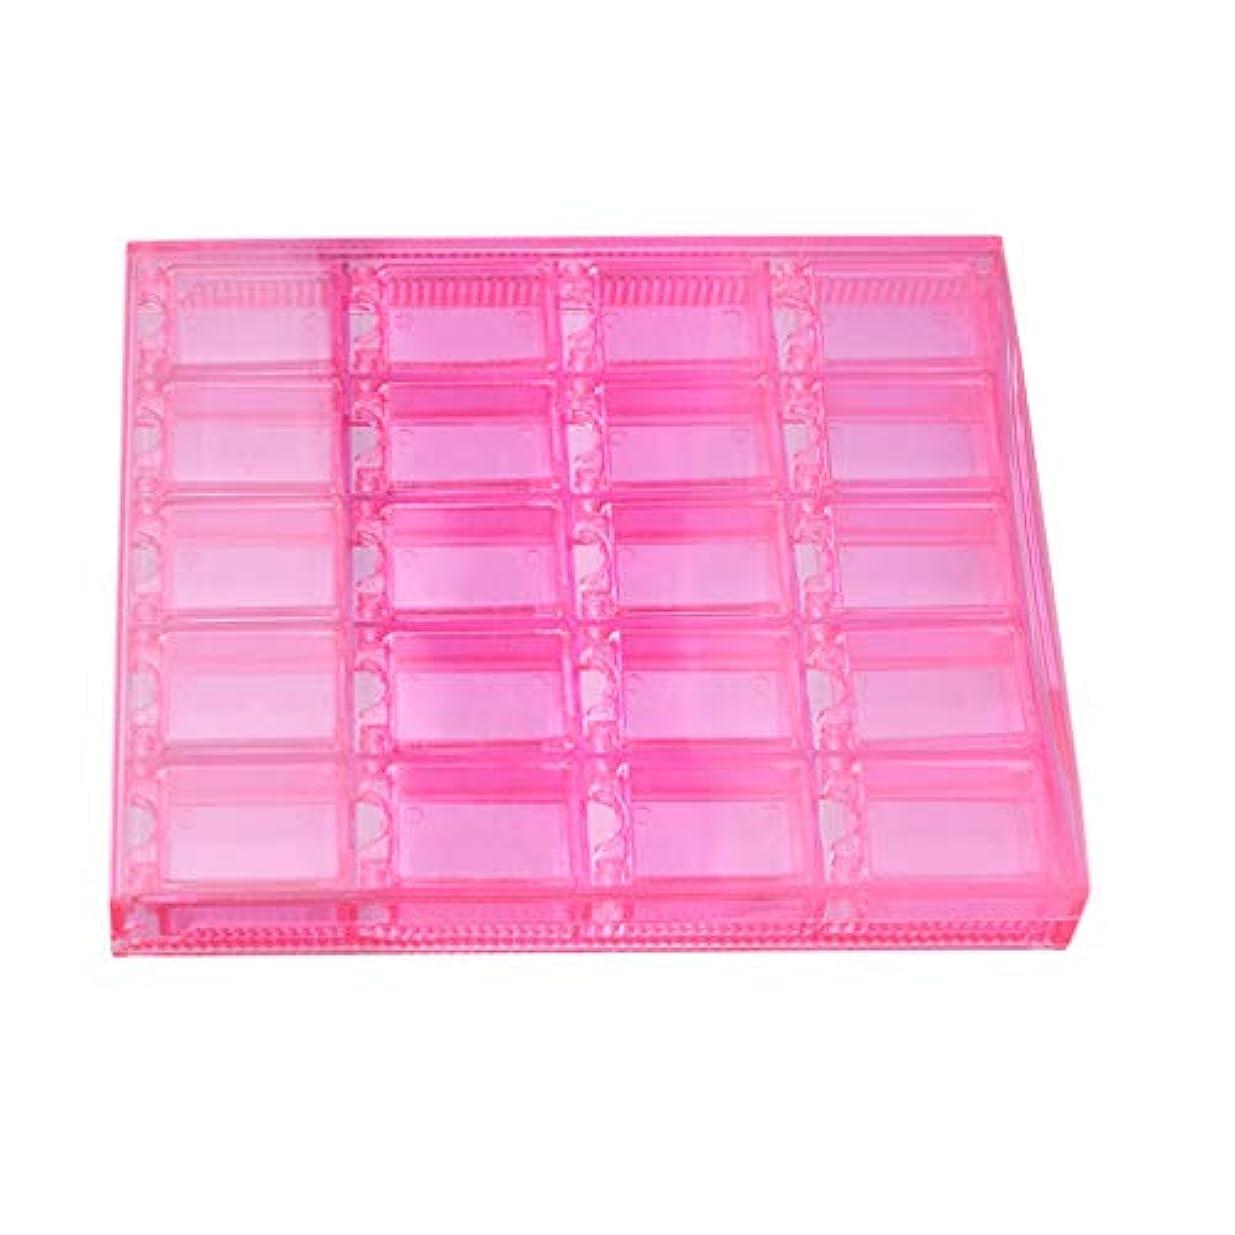 ほとんどないラジカル葉を拾う20-グリッドプラスチッククラフトオーガナイザーケースネイルジュエリー収納ボックス調整可能収納ボックス用ミシンビーズネイルアートラインストーンダイヤモンド - ピンク